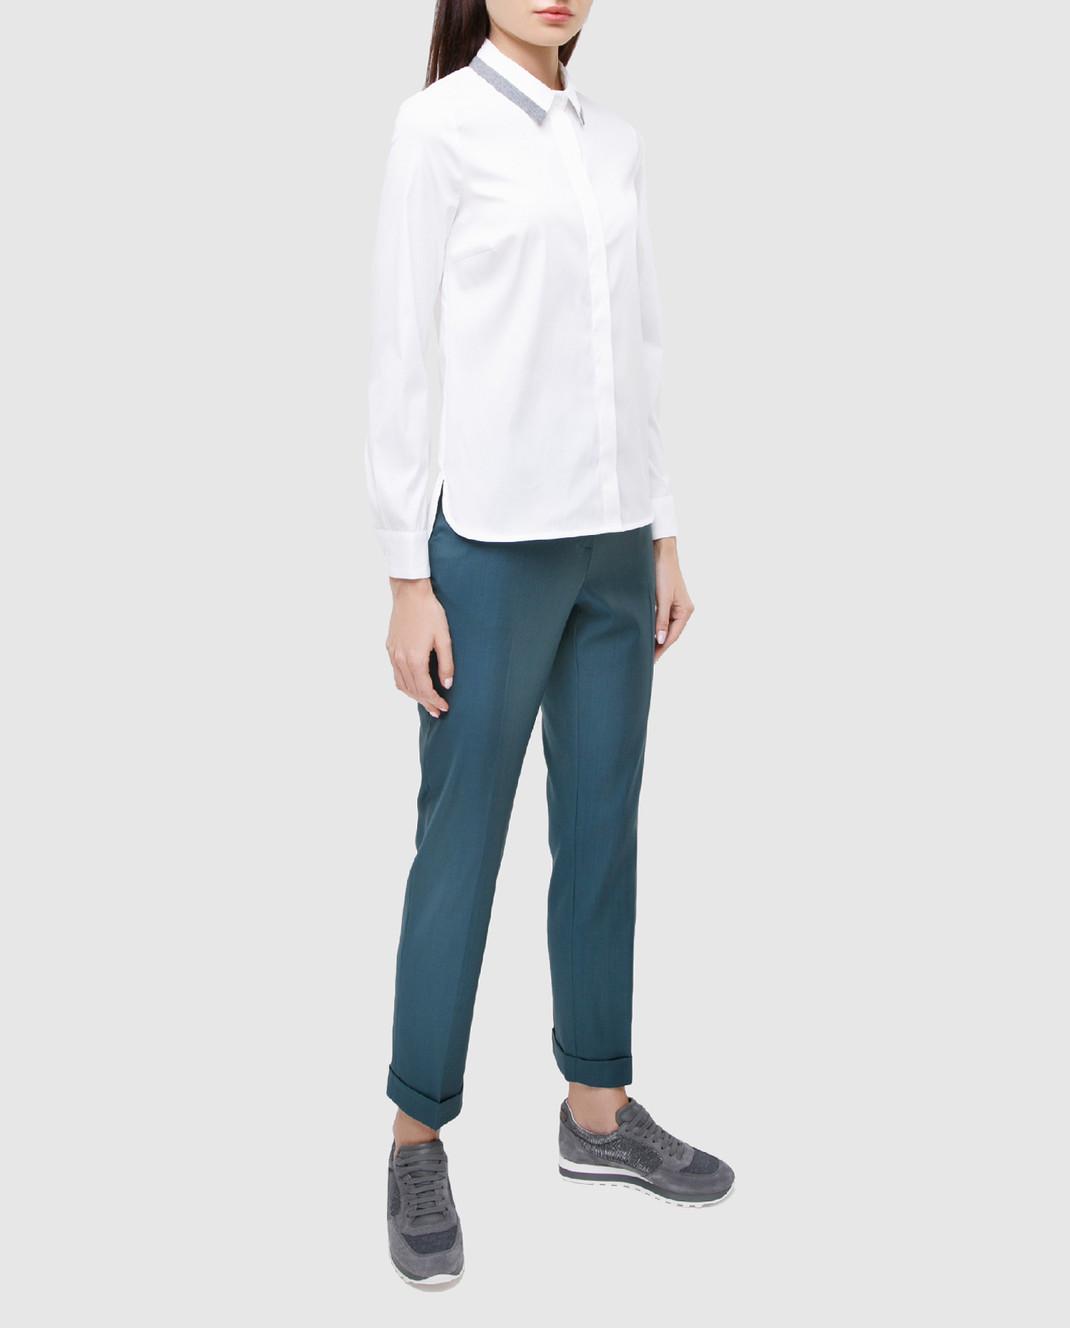 Maison Ullens Светло-синие брюки из шерсти изображение 2